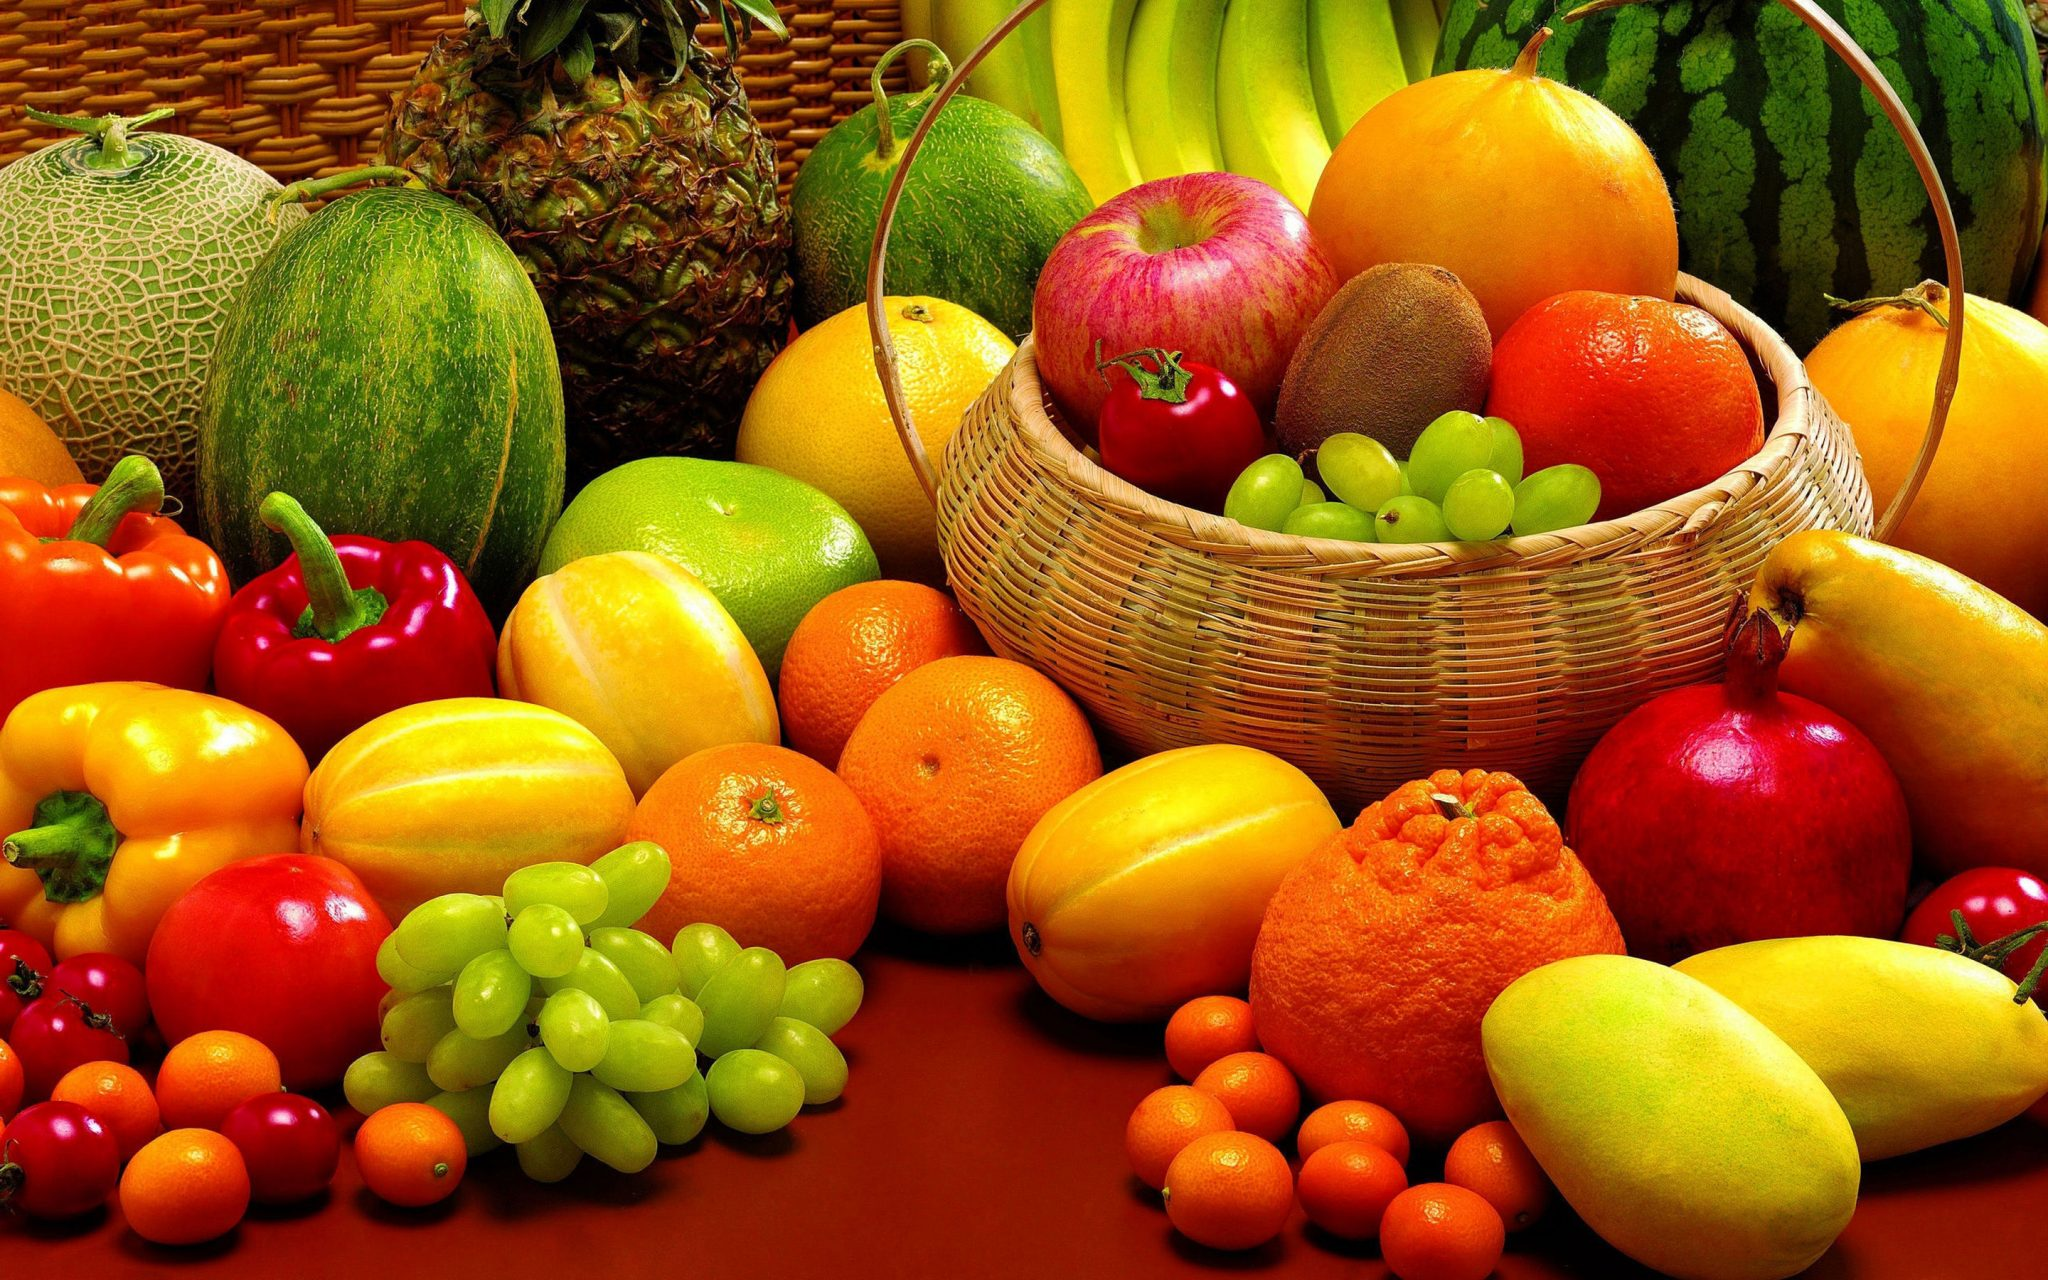 الفواكه الطازجة